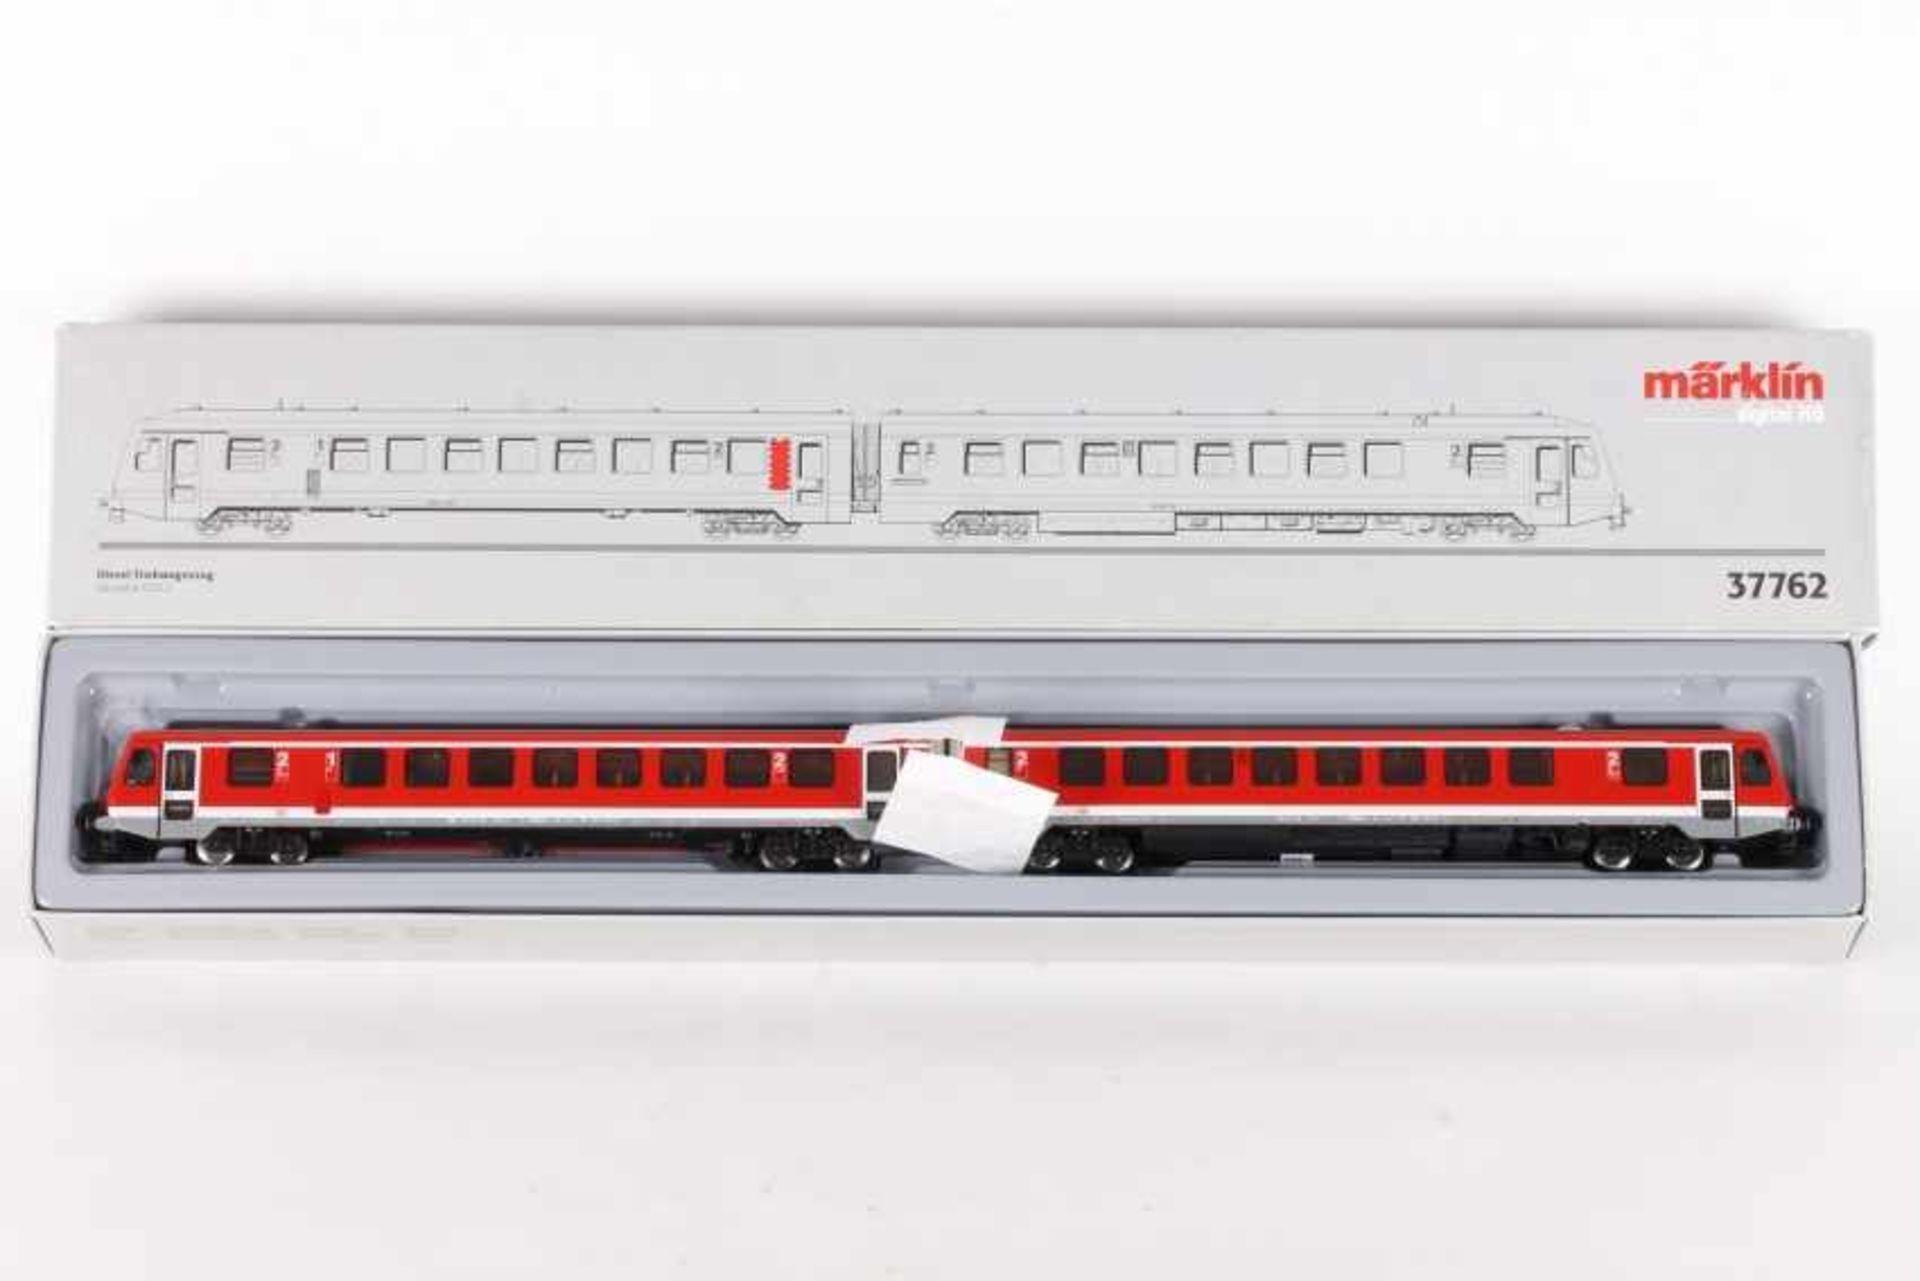 Märklin 37762, zweiteiliger Diesel-Triebwagen 628.2 der DB-AGMärklin 37762, zweiteiliger Diesel-